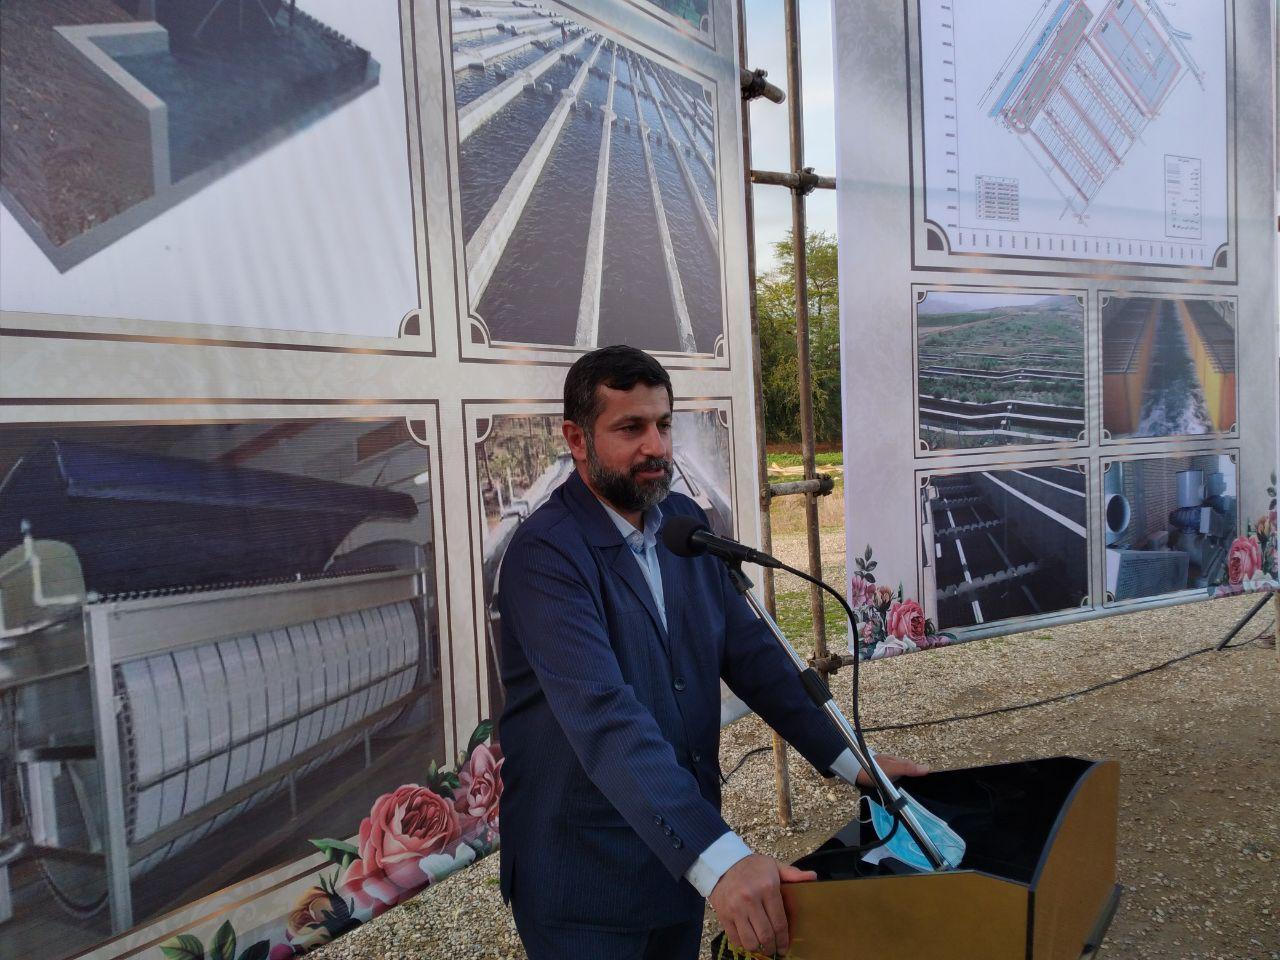 پروژه های مختلف در اندیمشک با حضور شریعتی استاندار خوزستان بهره برداری یا آغاز عملیات اجرایی شد